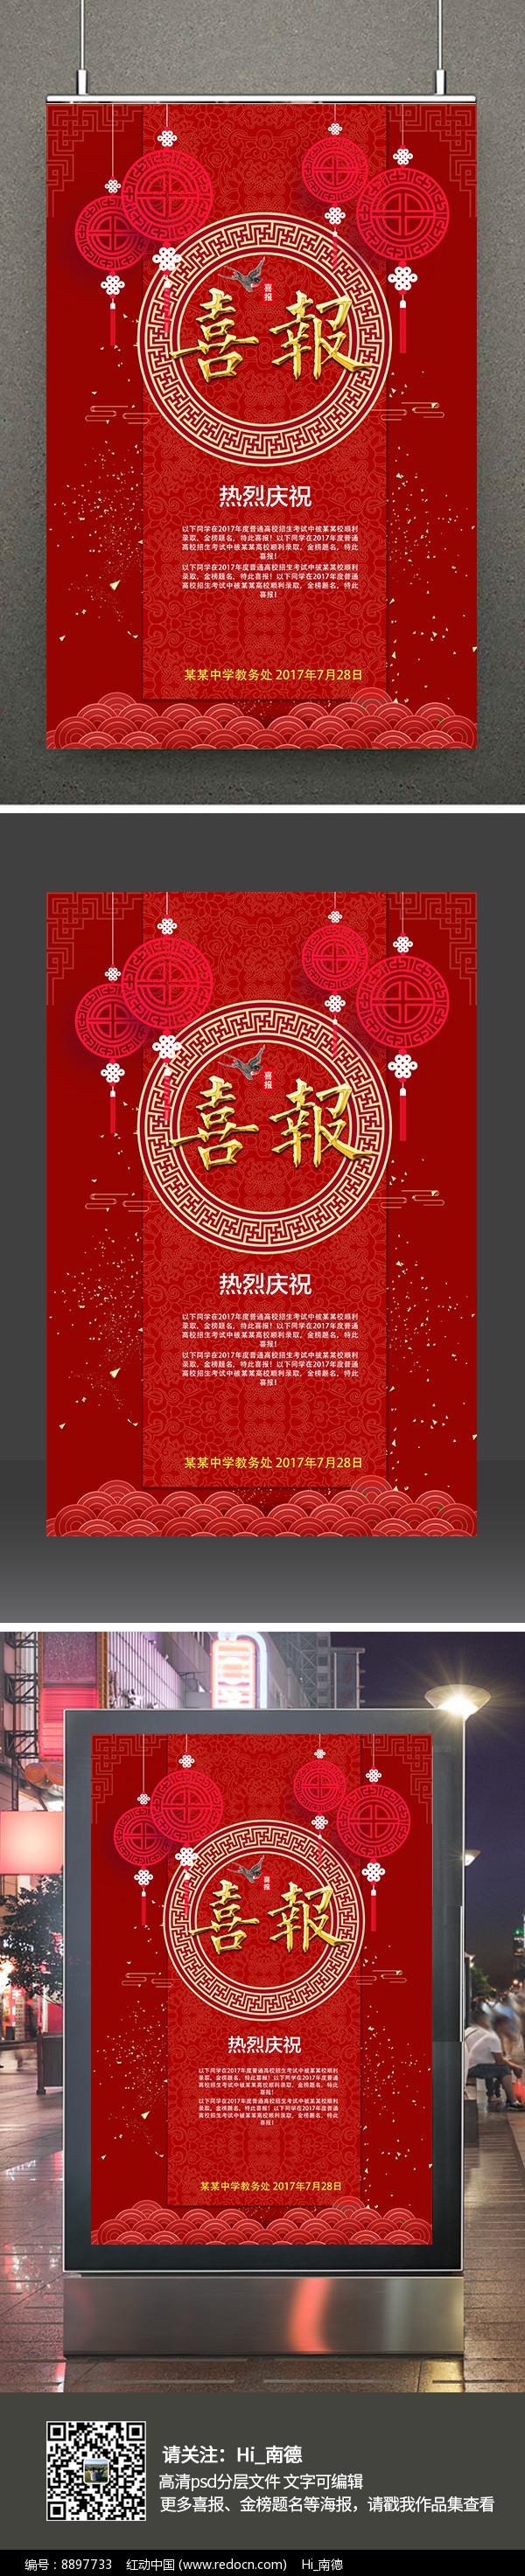 红色大气的喜报海报设计图片